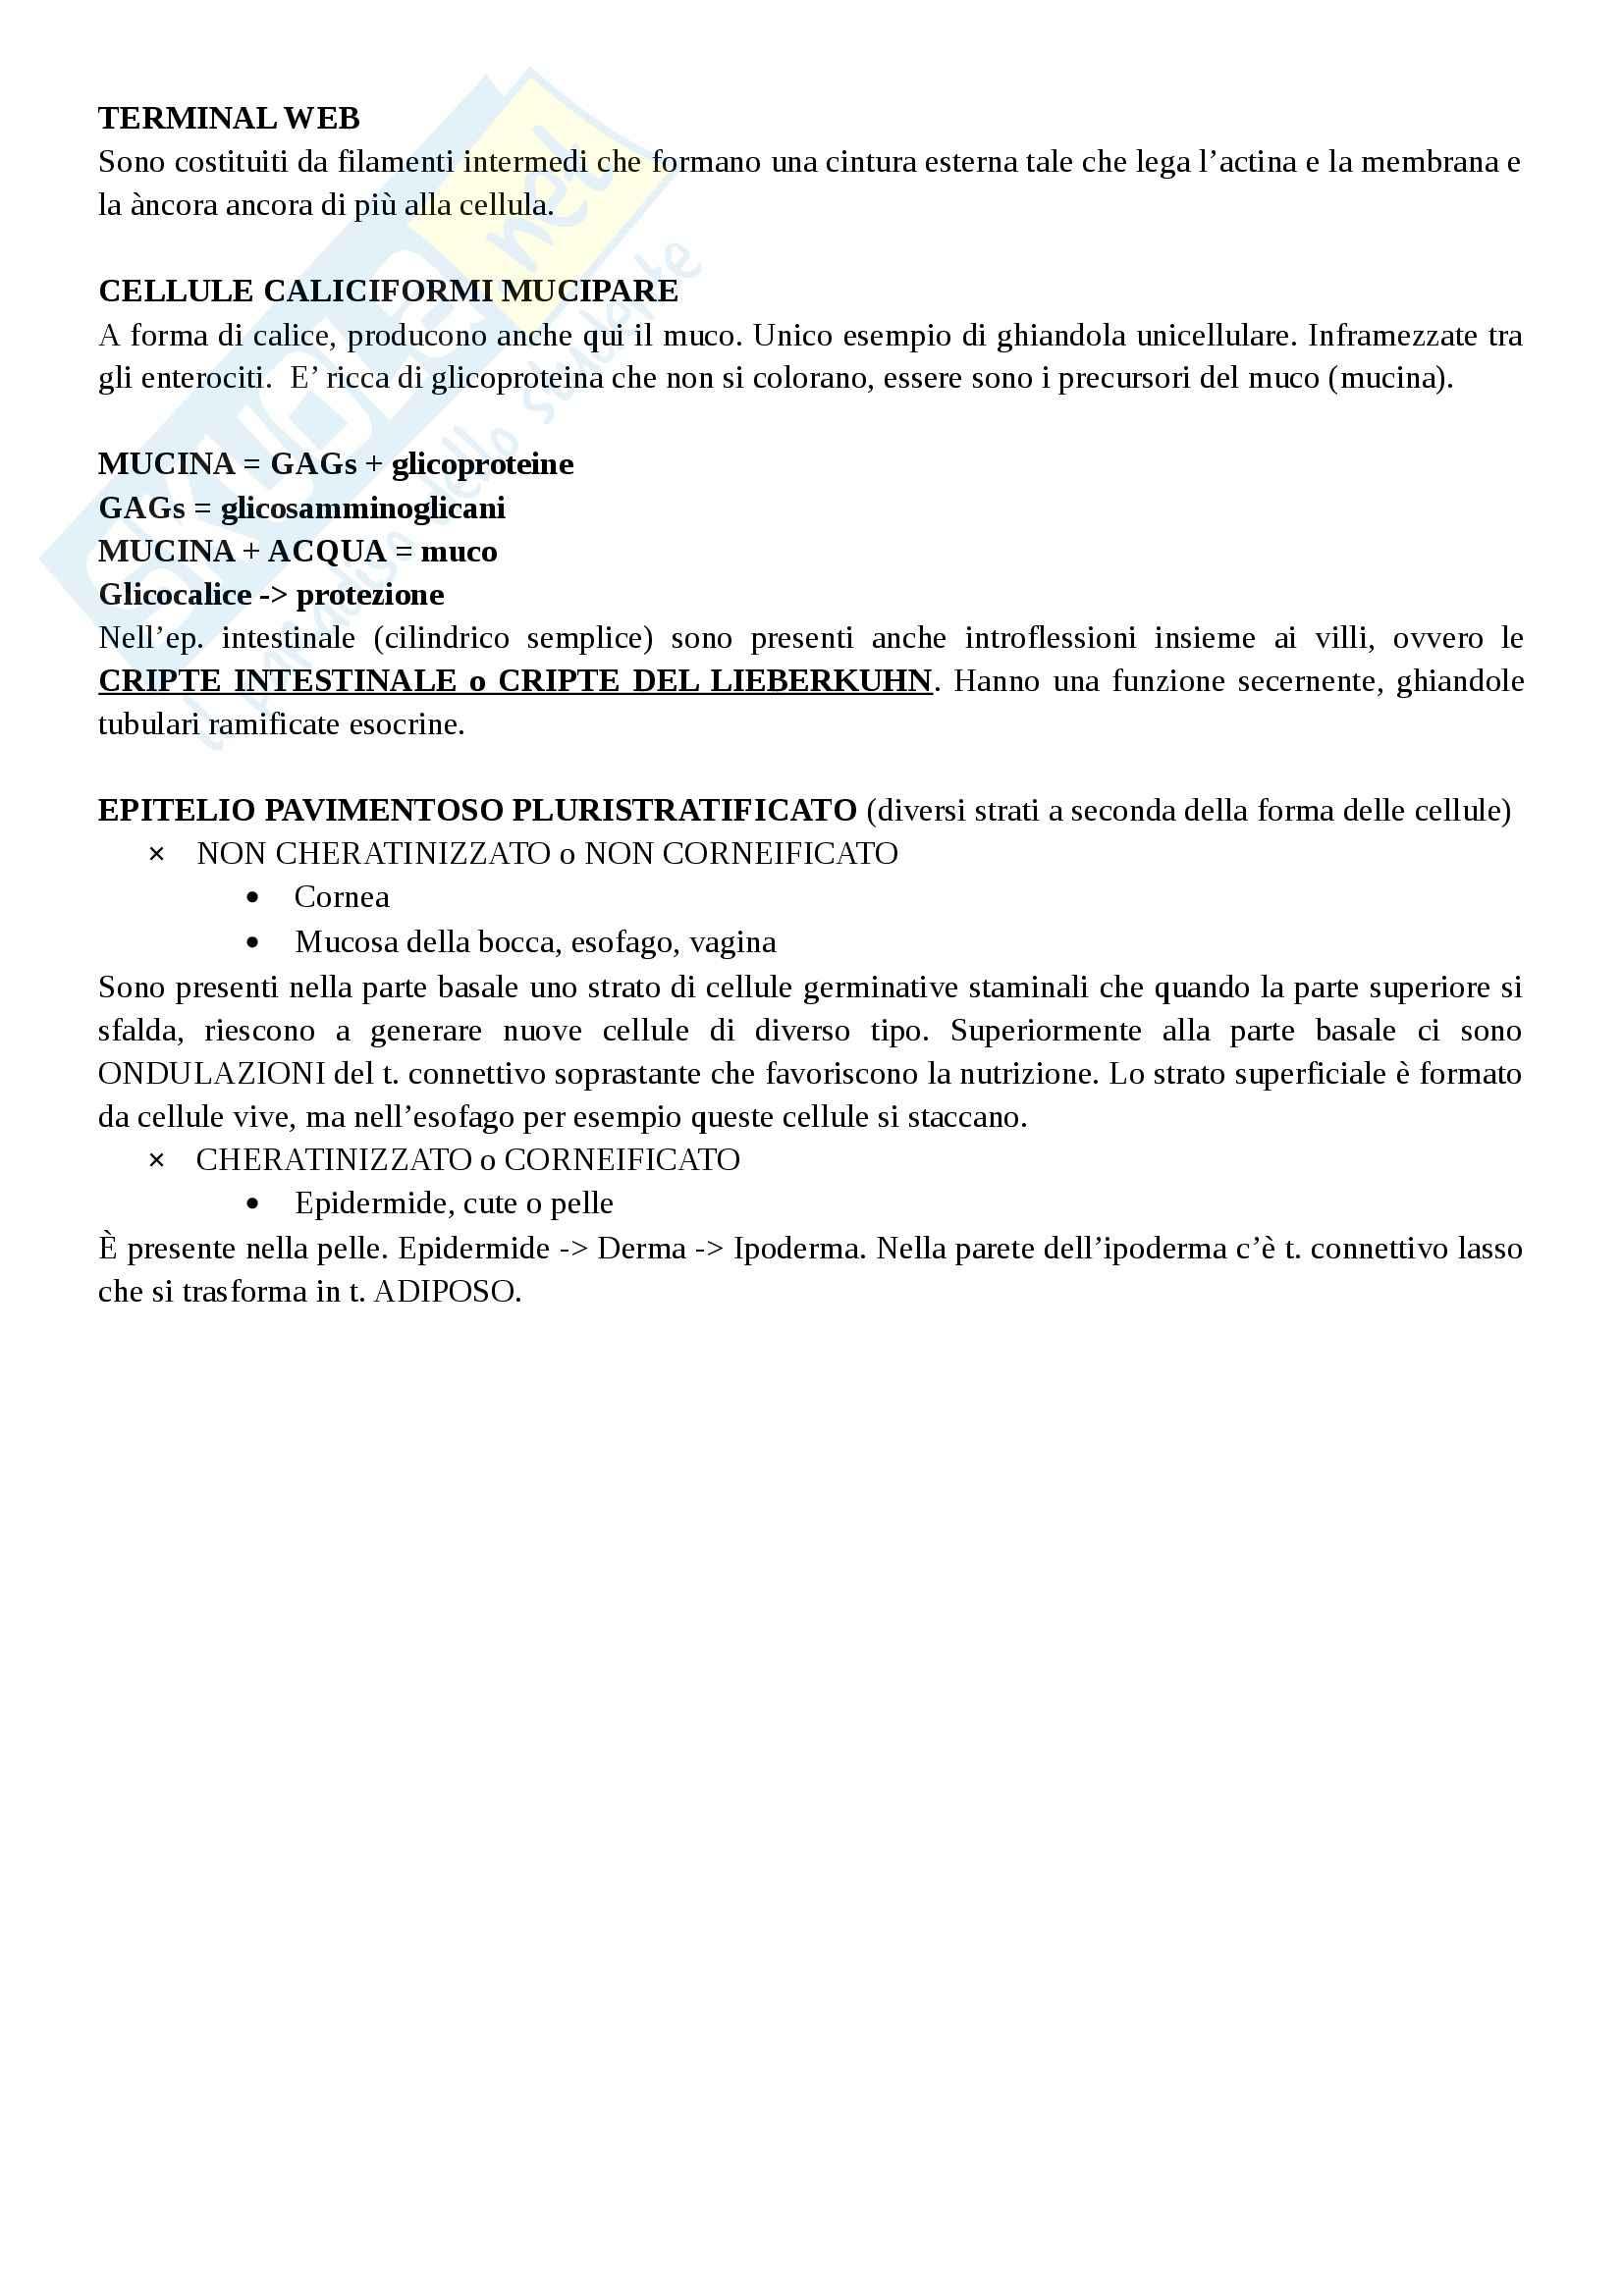 Tessuto epiteliale Pag. 6